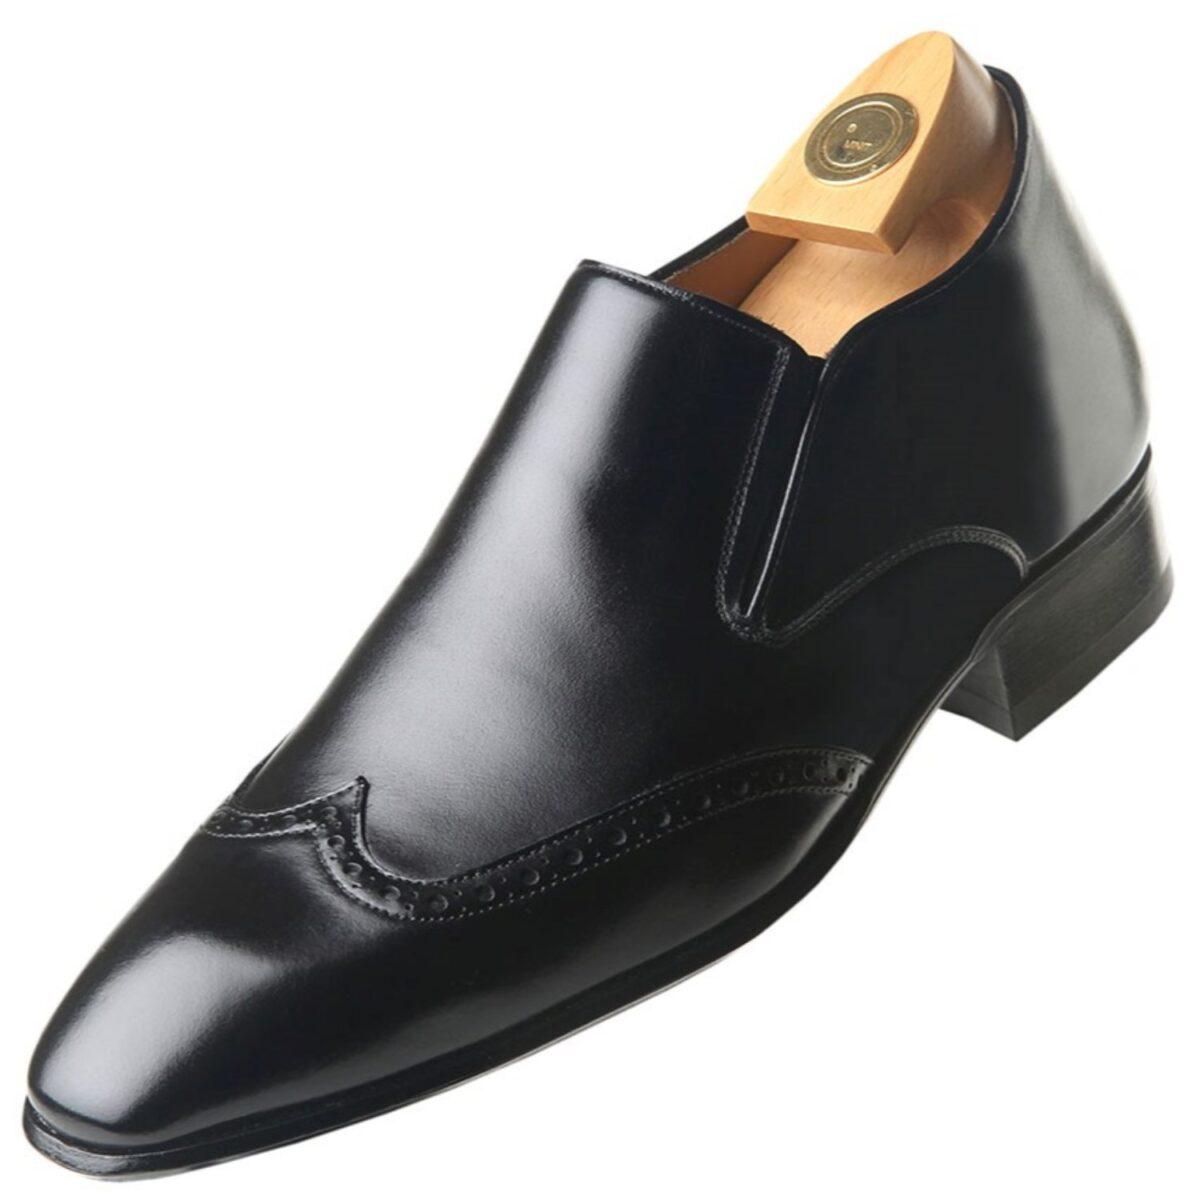 Zapatos con Alzas modelo 8605 Nc - HiPlus